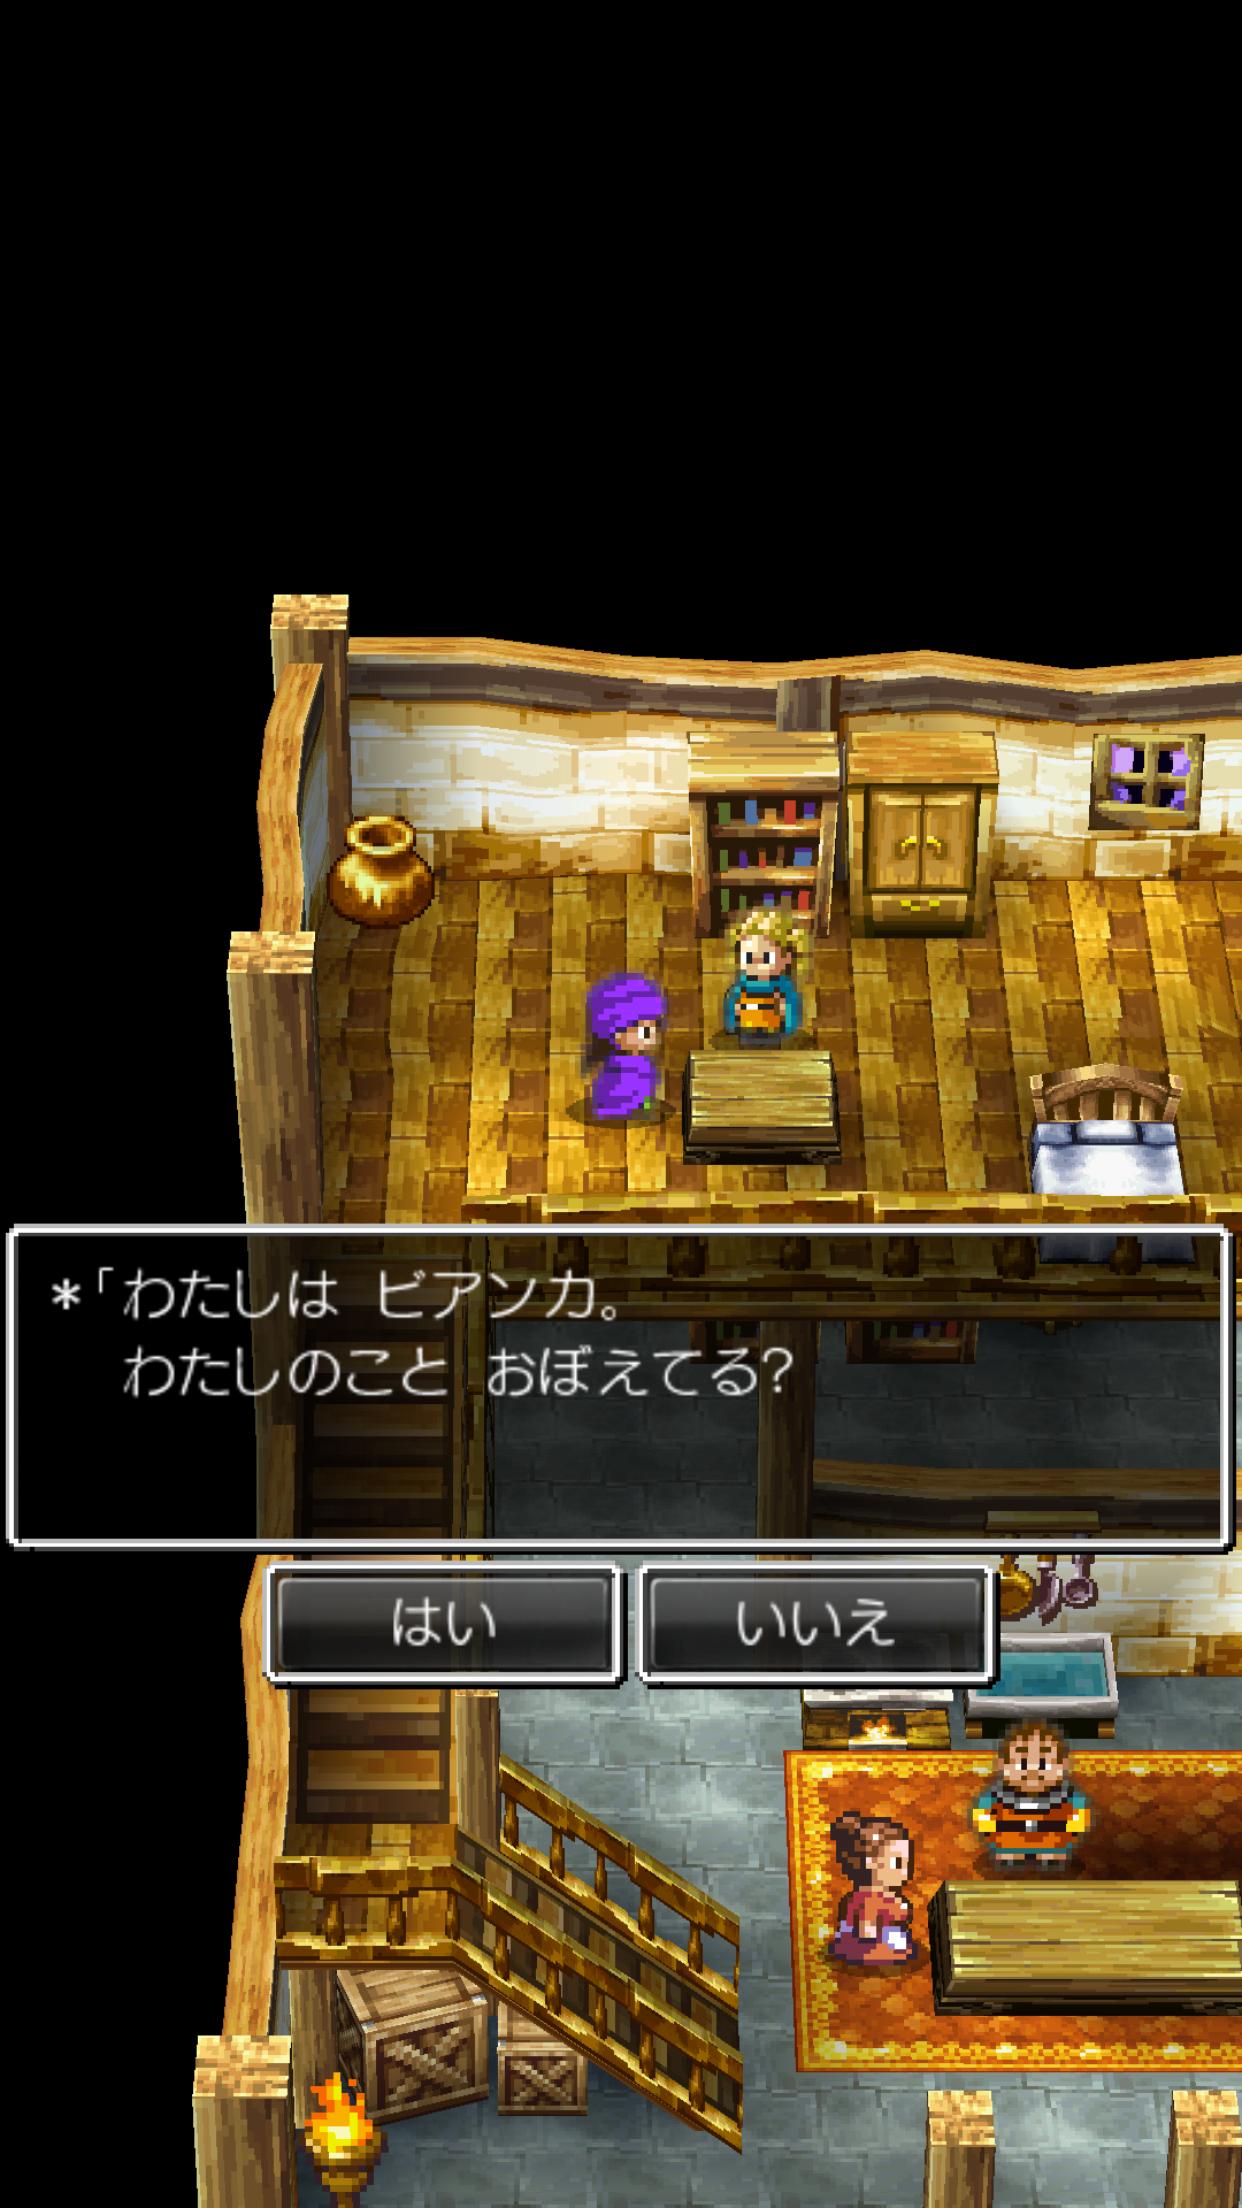 f:id:masanori-kato1972:20190414164208p:image